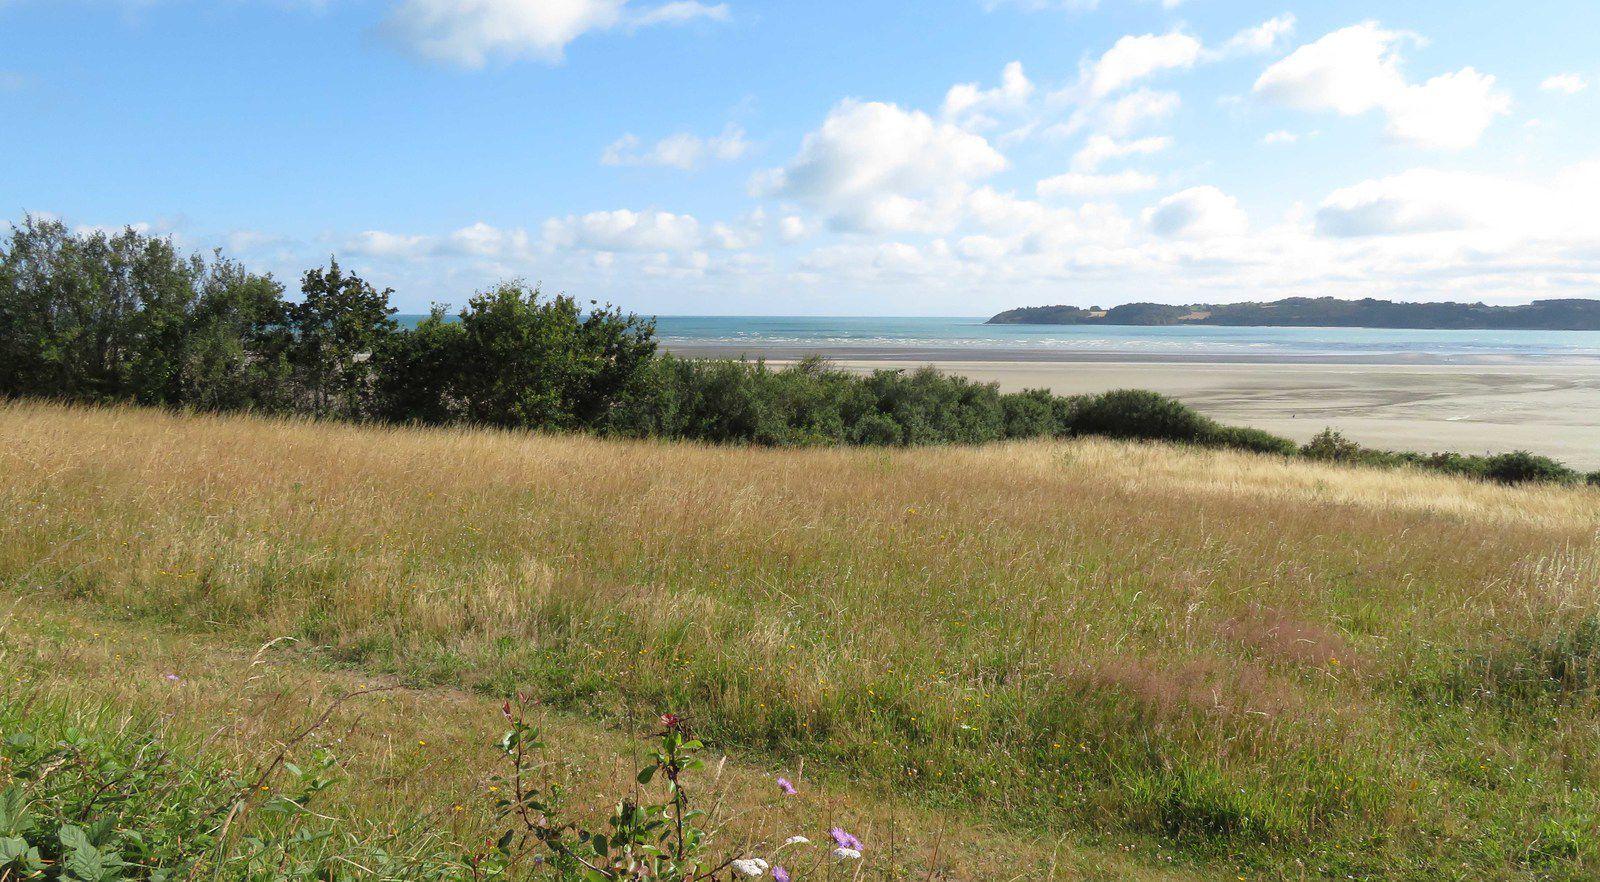 Le long de la baie de Saint Brieux, côté ouest